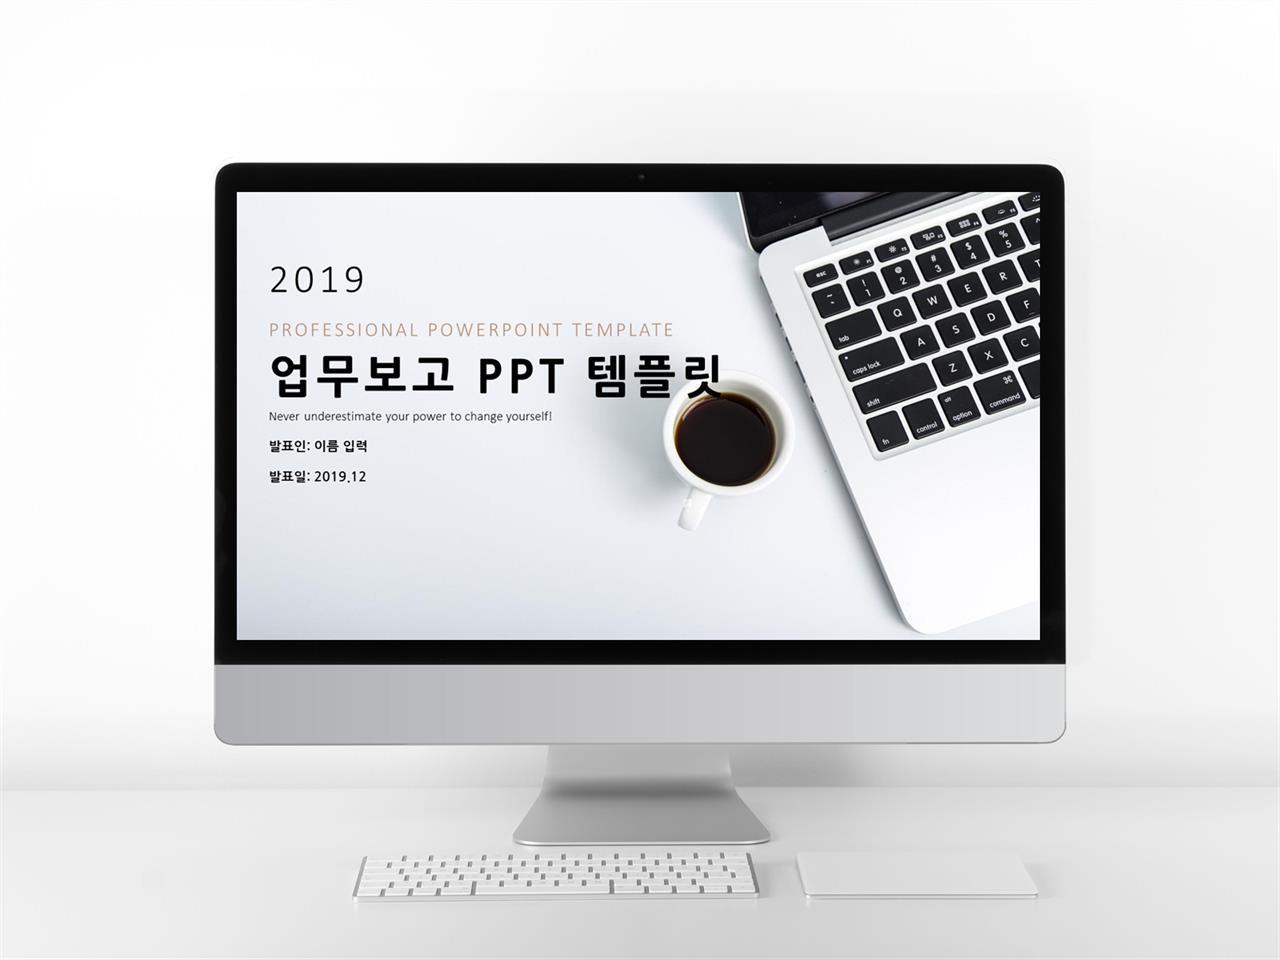 업무보고 갈색 간편한 다양한 주제에 어울리는 POWERPOINT탬플릿 디자인 미리보기